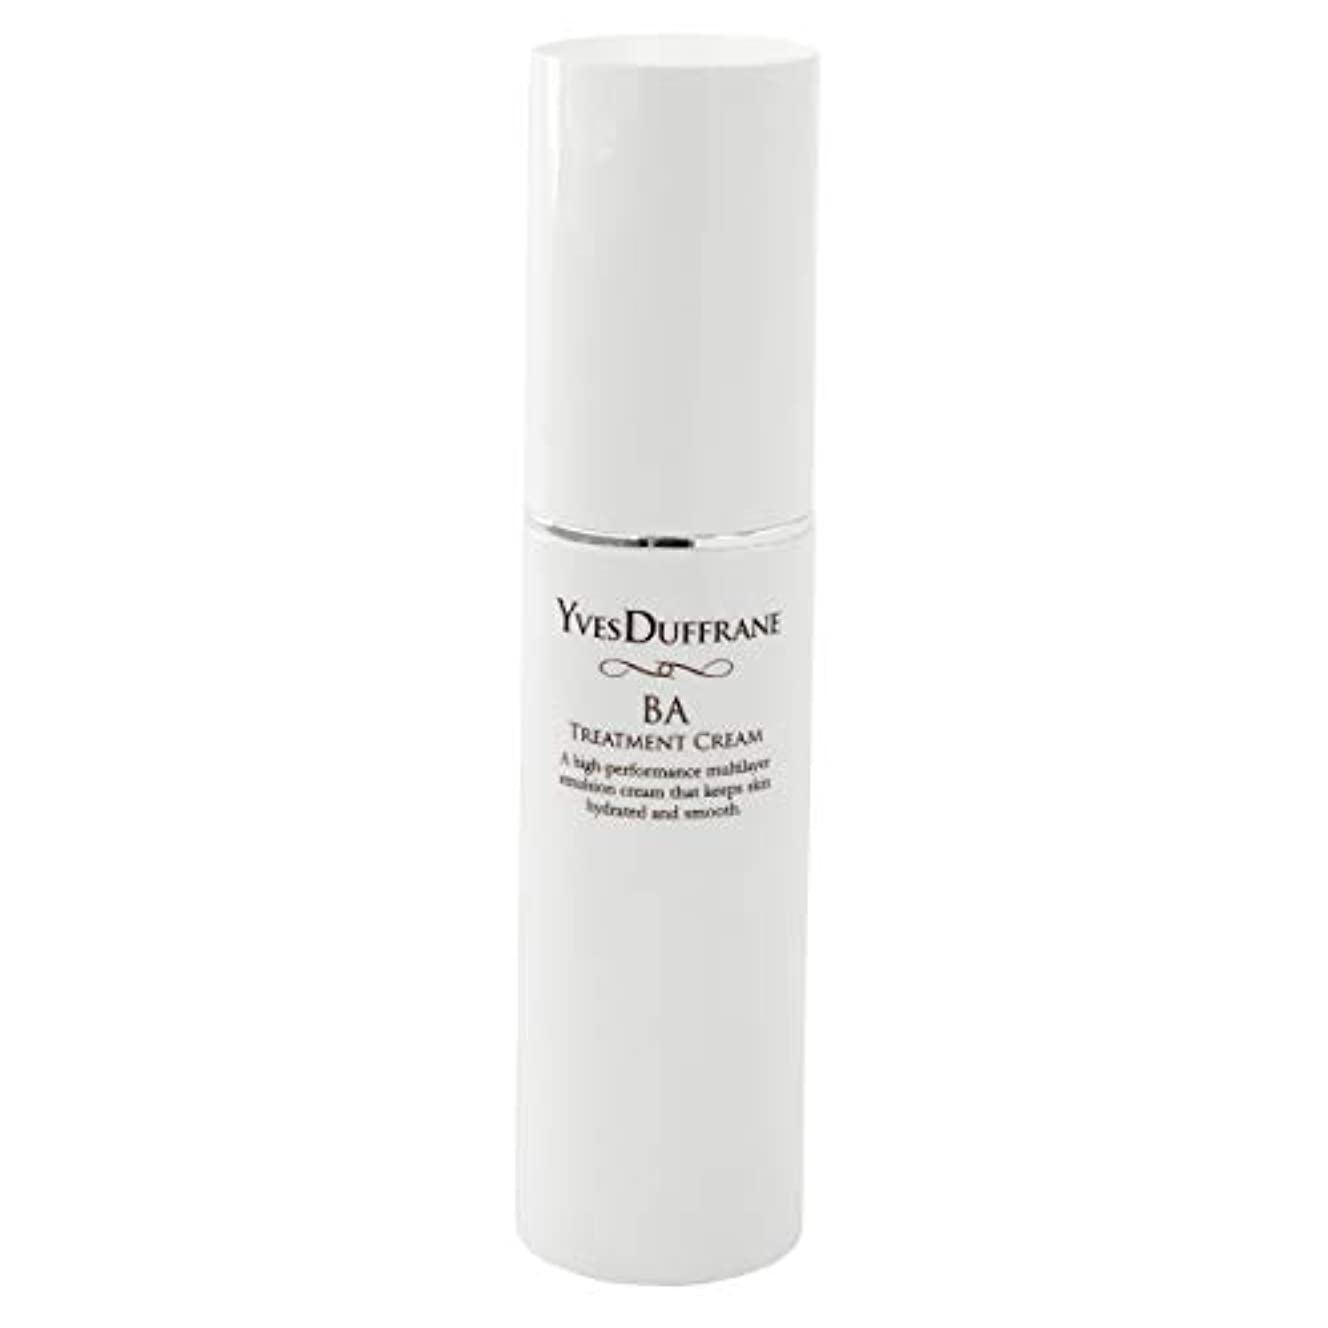 スマート物語クモセラミド 美容クリーム [BAトリートメント クリーム ] 顔 目元 敏感肌 保湿 セラミド ビタミンC誘導体 バイオアンテージ配合